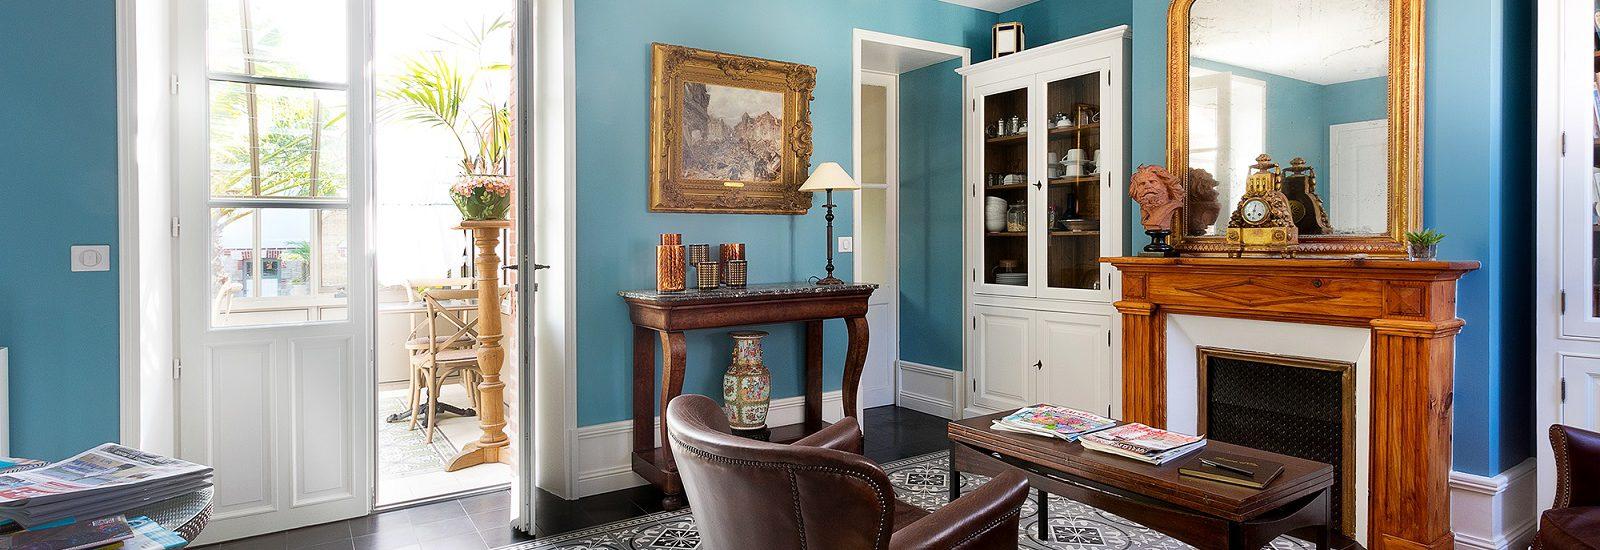 salon villa la ruche la baule chambre d hotes haut de gamme luxe plage benoit calme repos